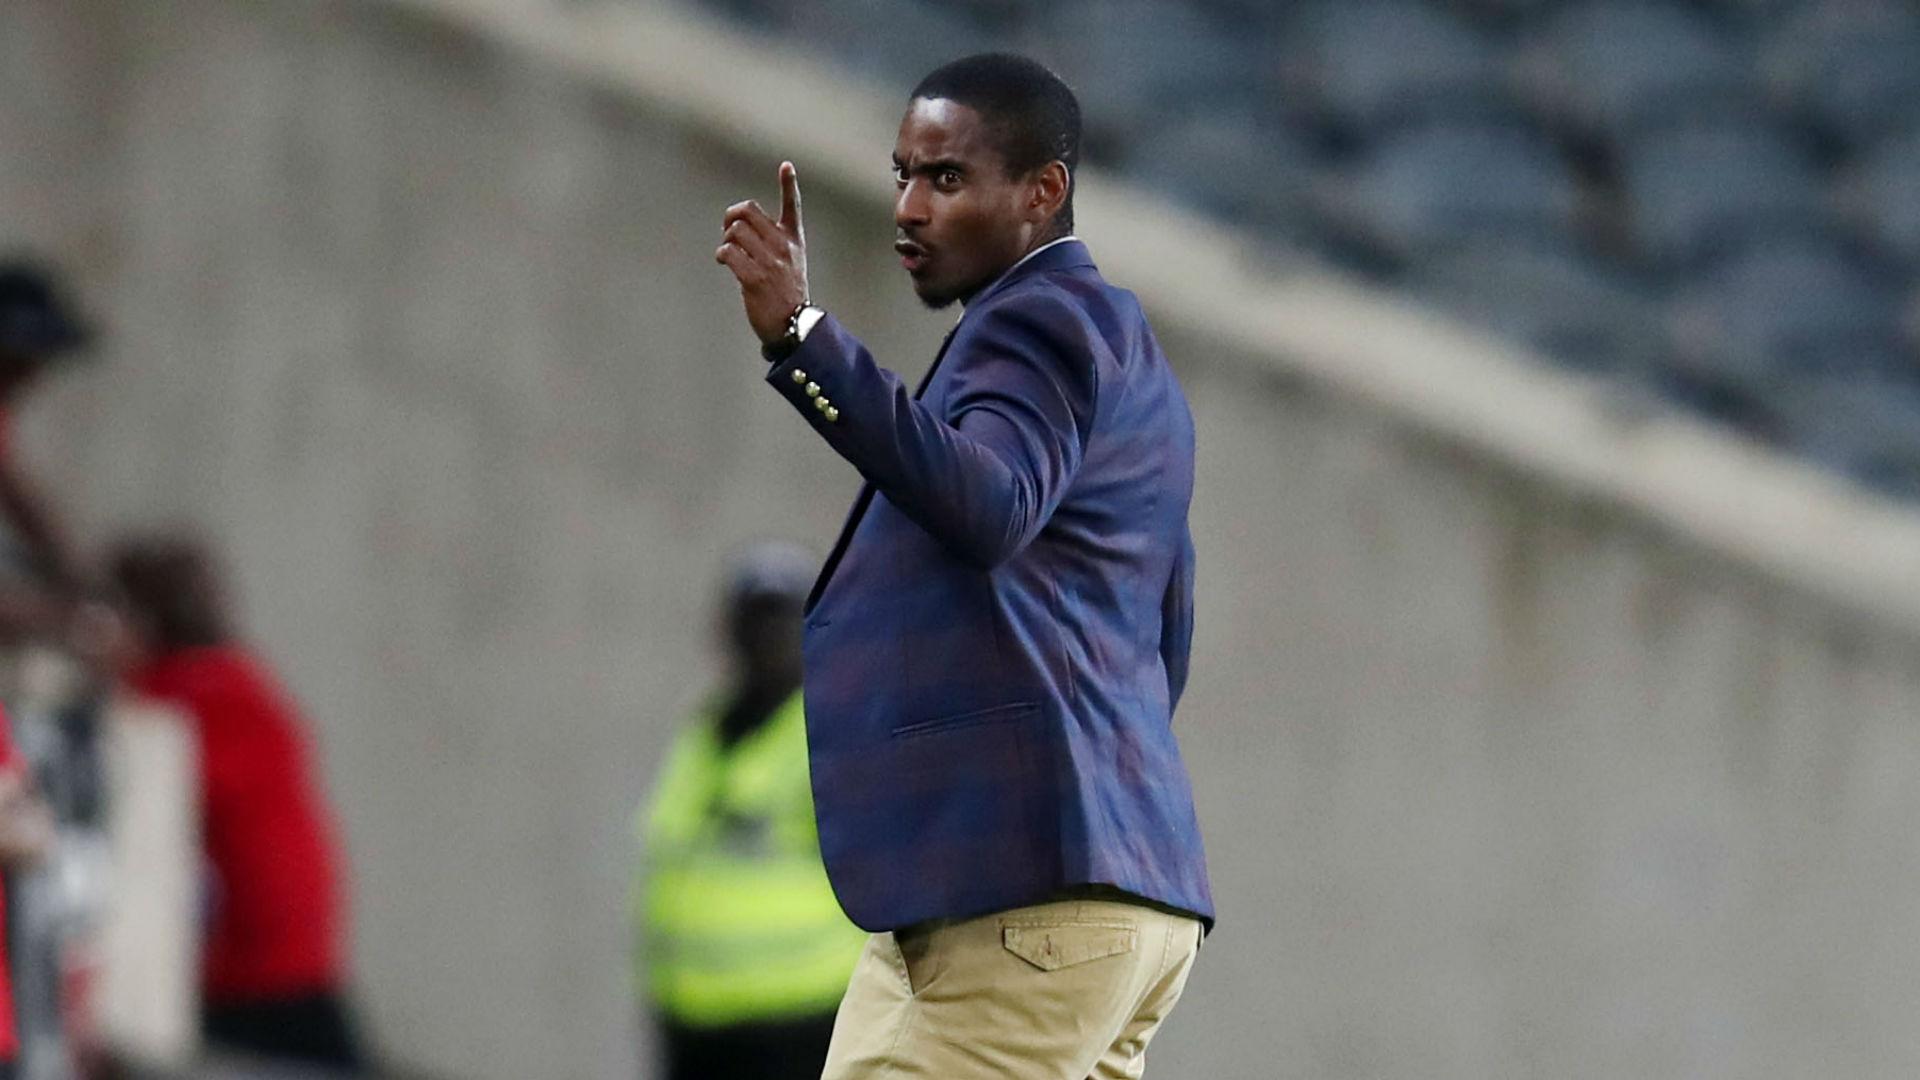 Rhulani Mokwena, coach of Orlando Pirates, November 2019